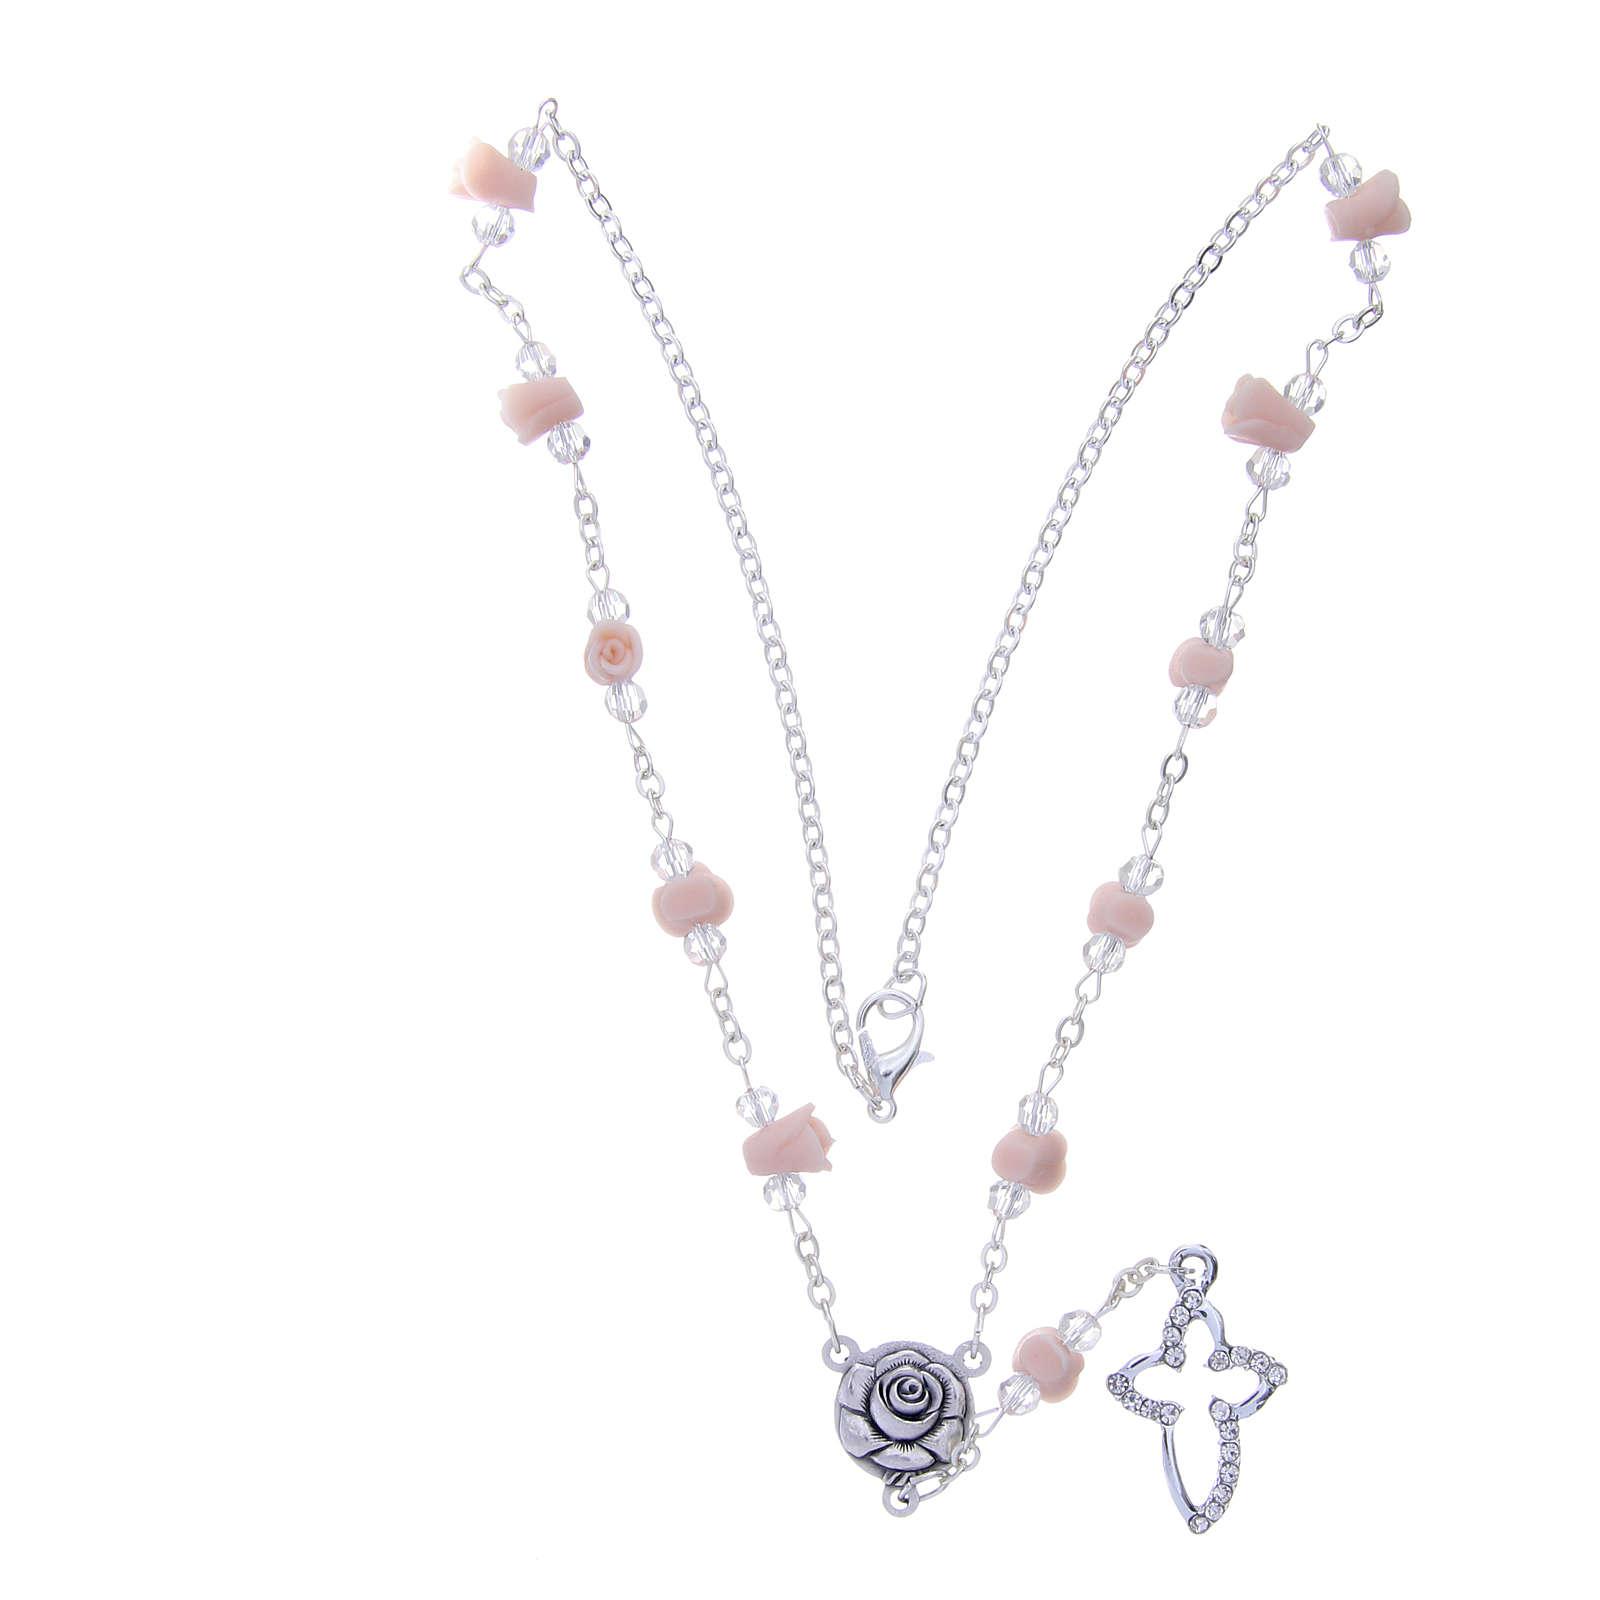 bda1c8705beb Collar rosario Medjugorje cuentas cristal rosas cerámica 4